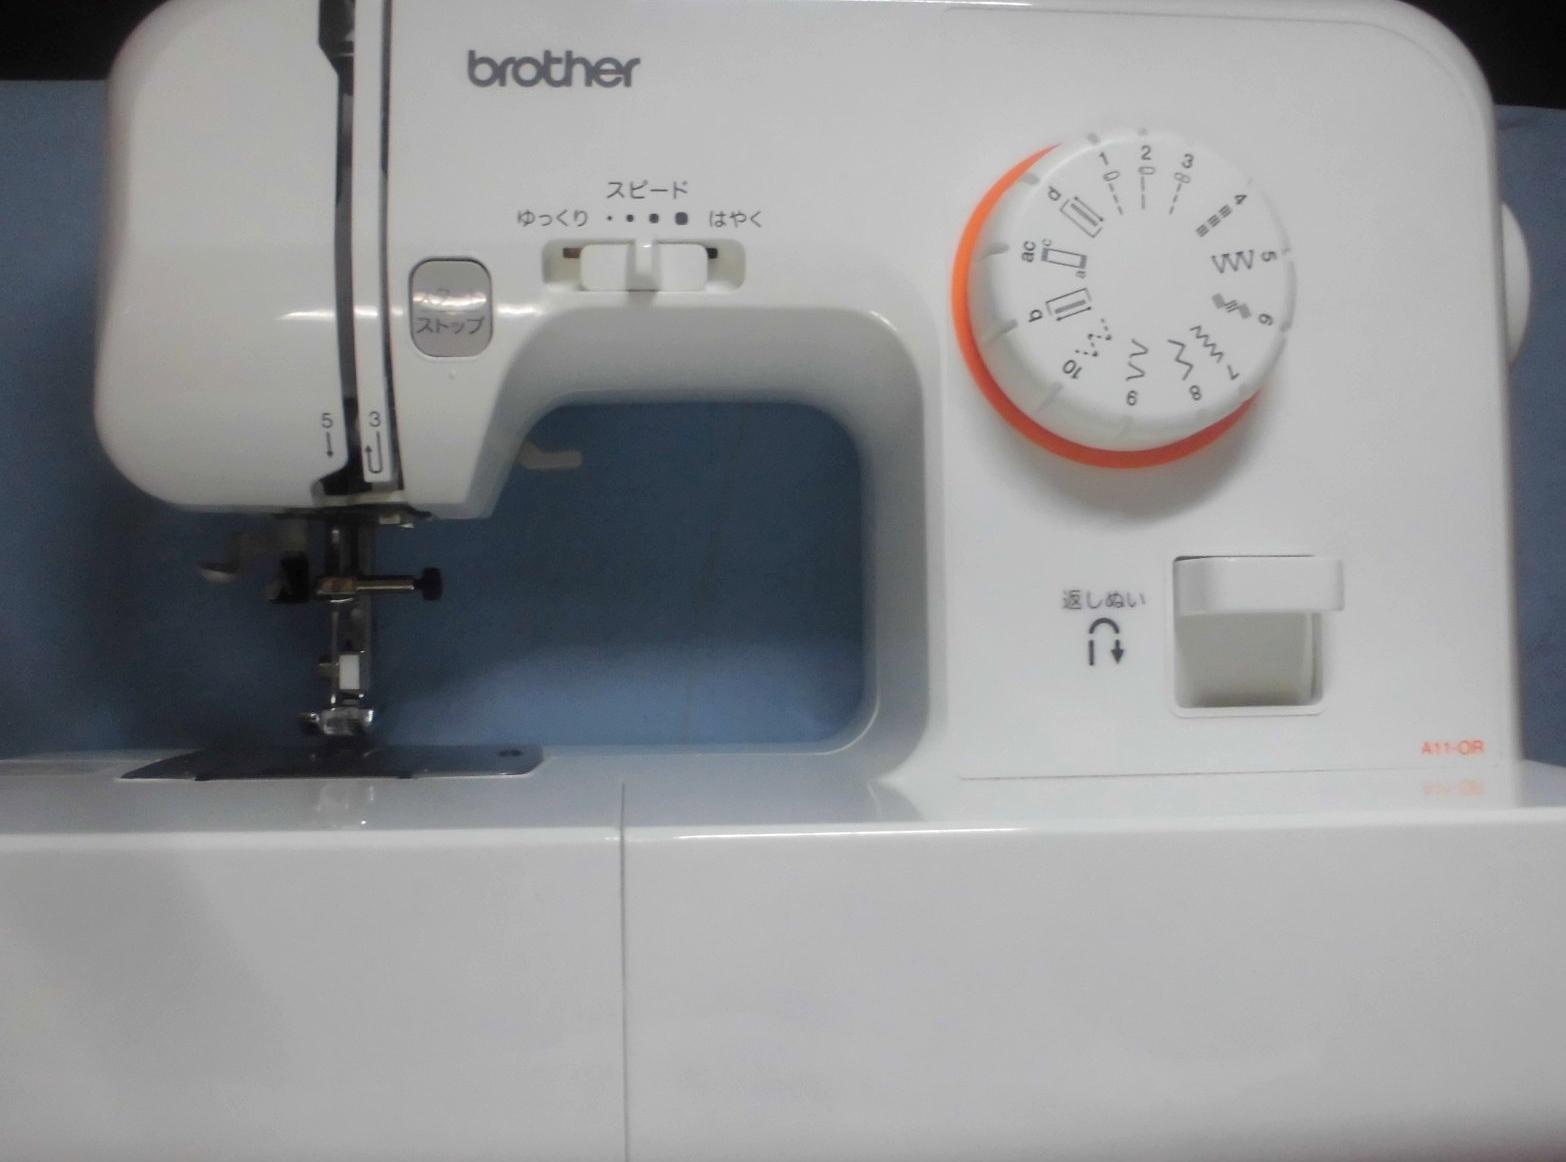 ブラザーミシンの修理|EL115|縫えない、針があたる、針が折れる、針が下りない